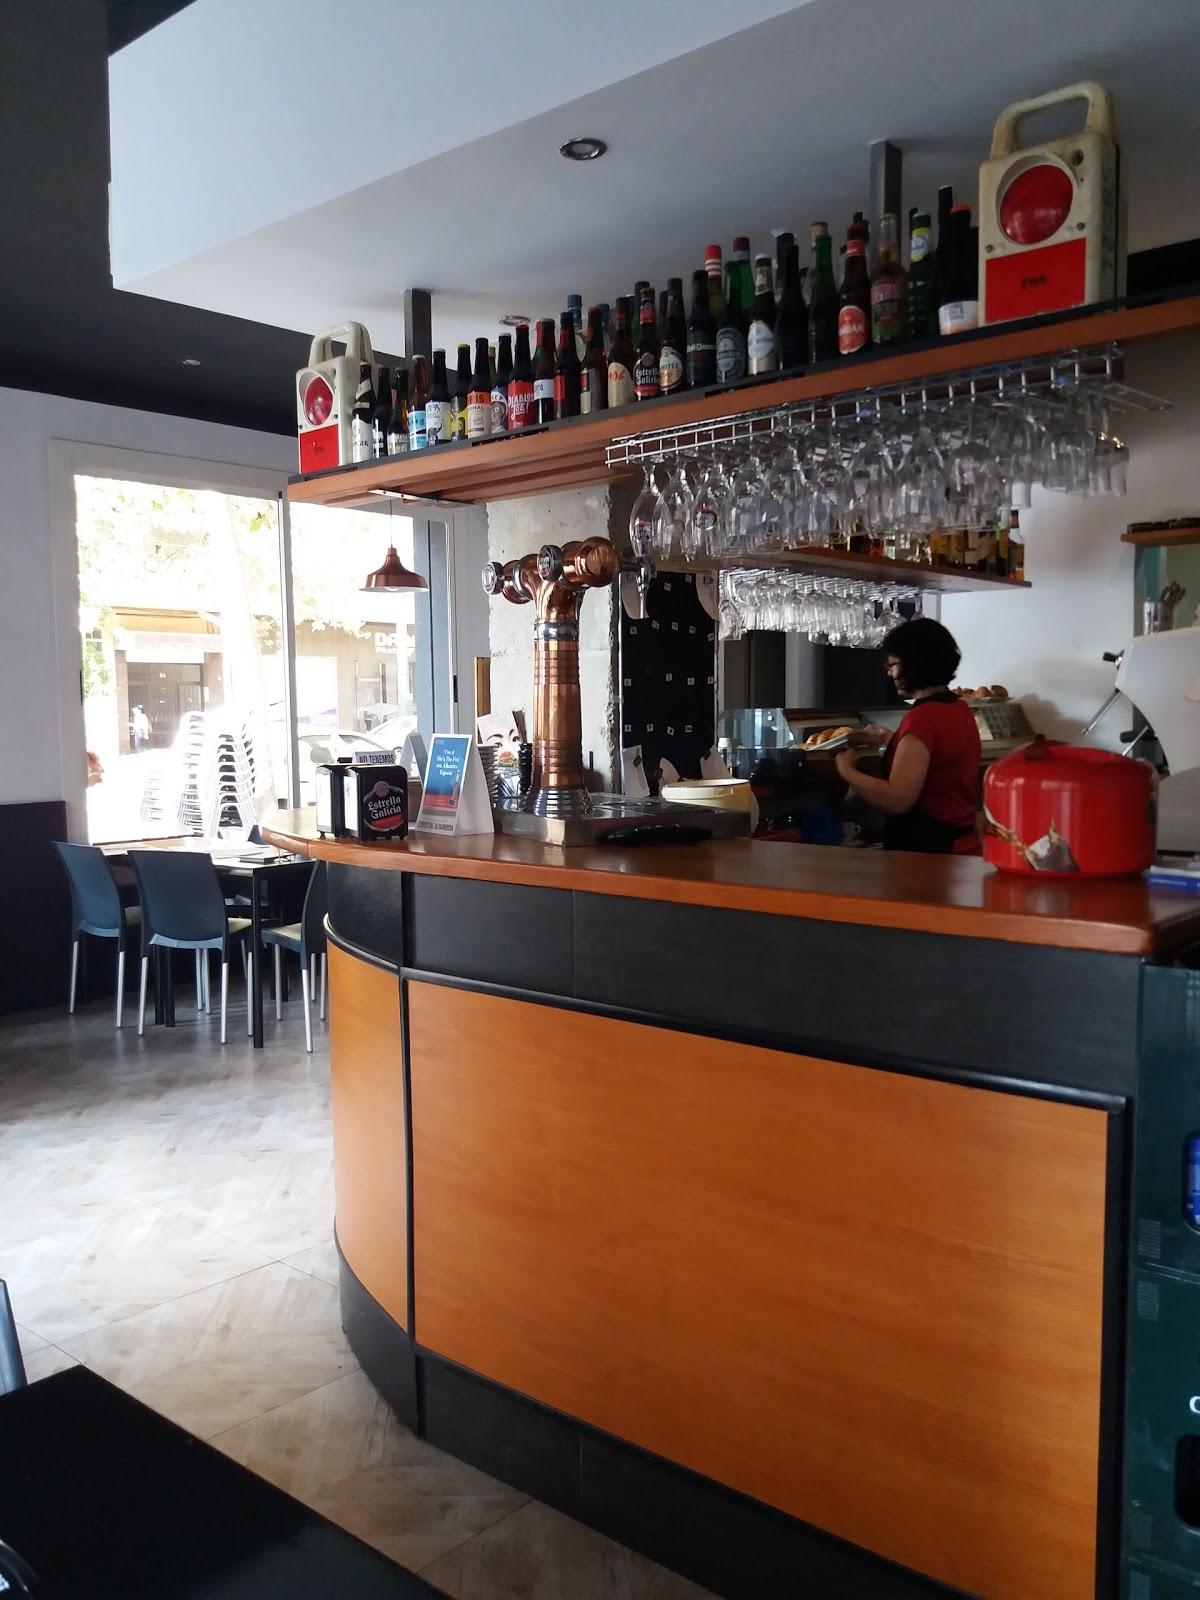 Cervecería El Tranvía: A Work-Friendly Place in Valencia